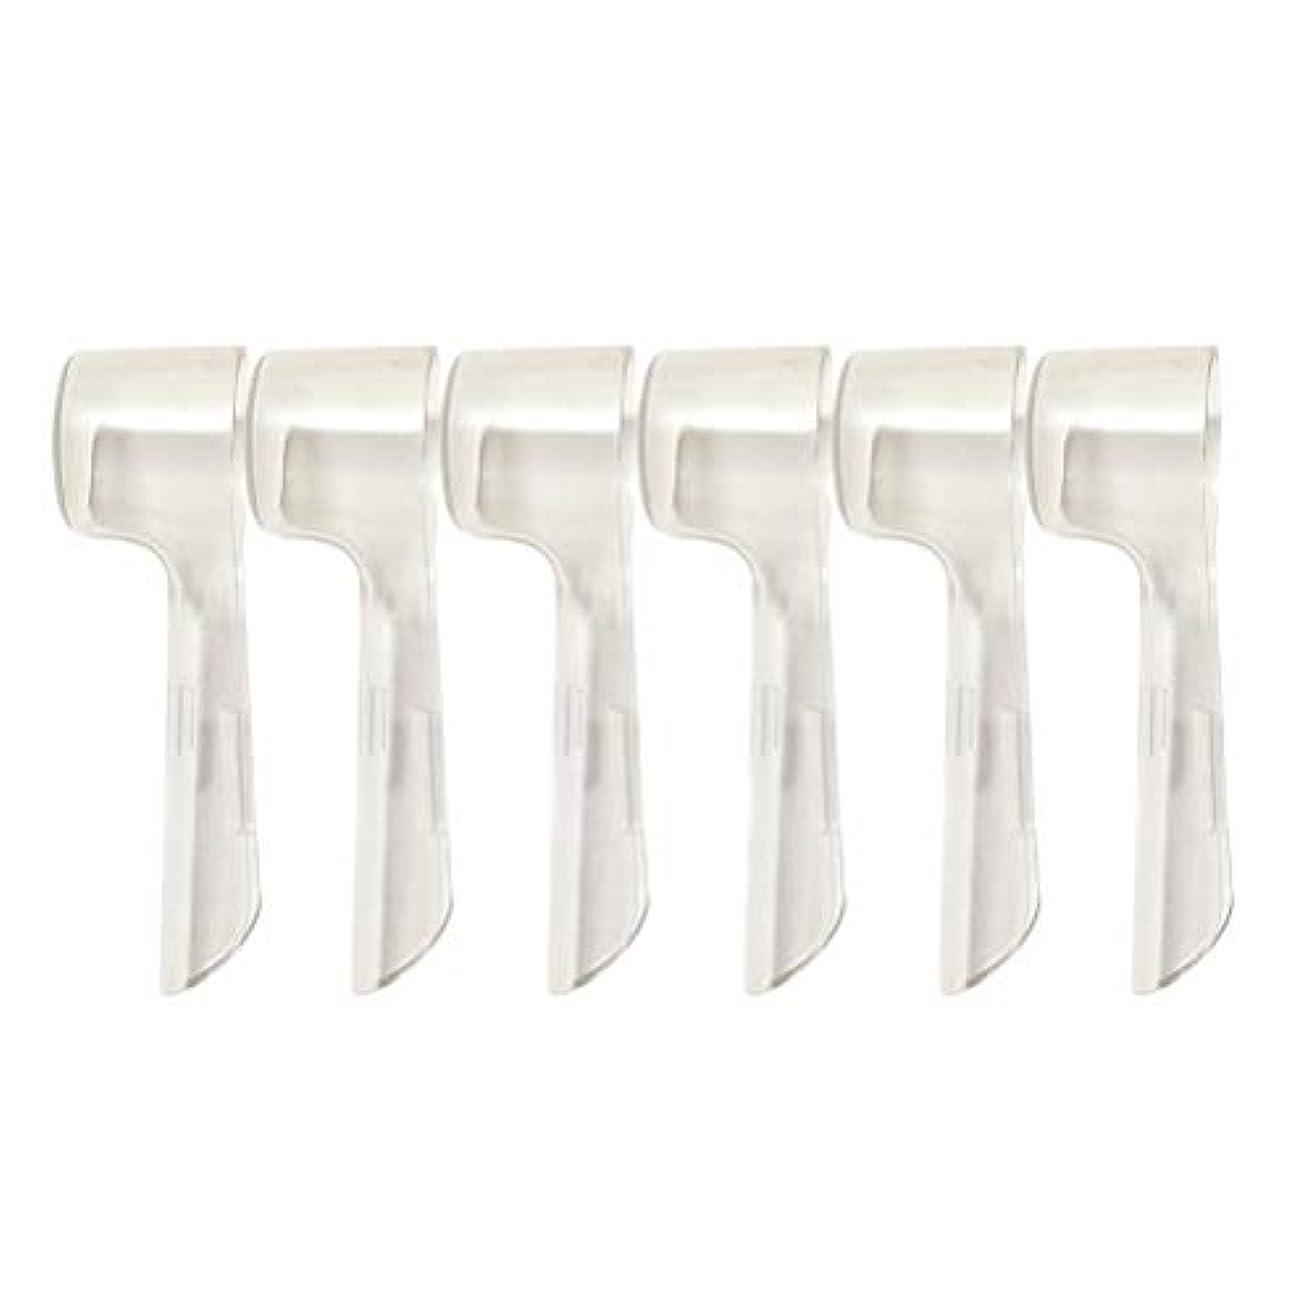 アレキサンダーグラハムベルの配列宣教師SUPVOX 旅行のために便利な電動歯ブラシのための10本の歯ブラシヘッドカバー